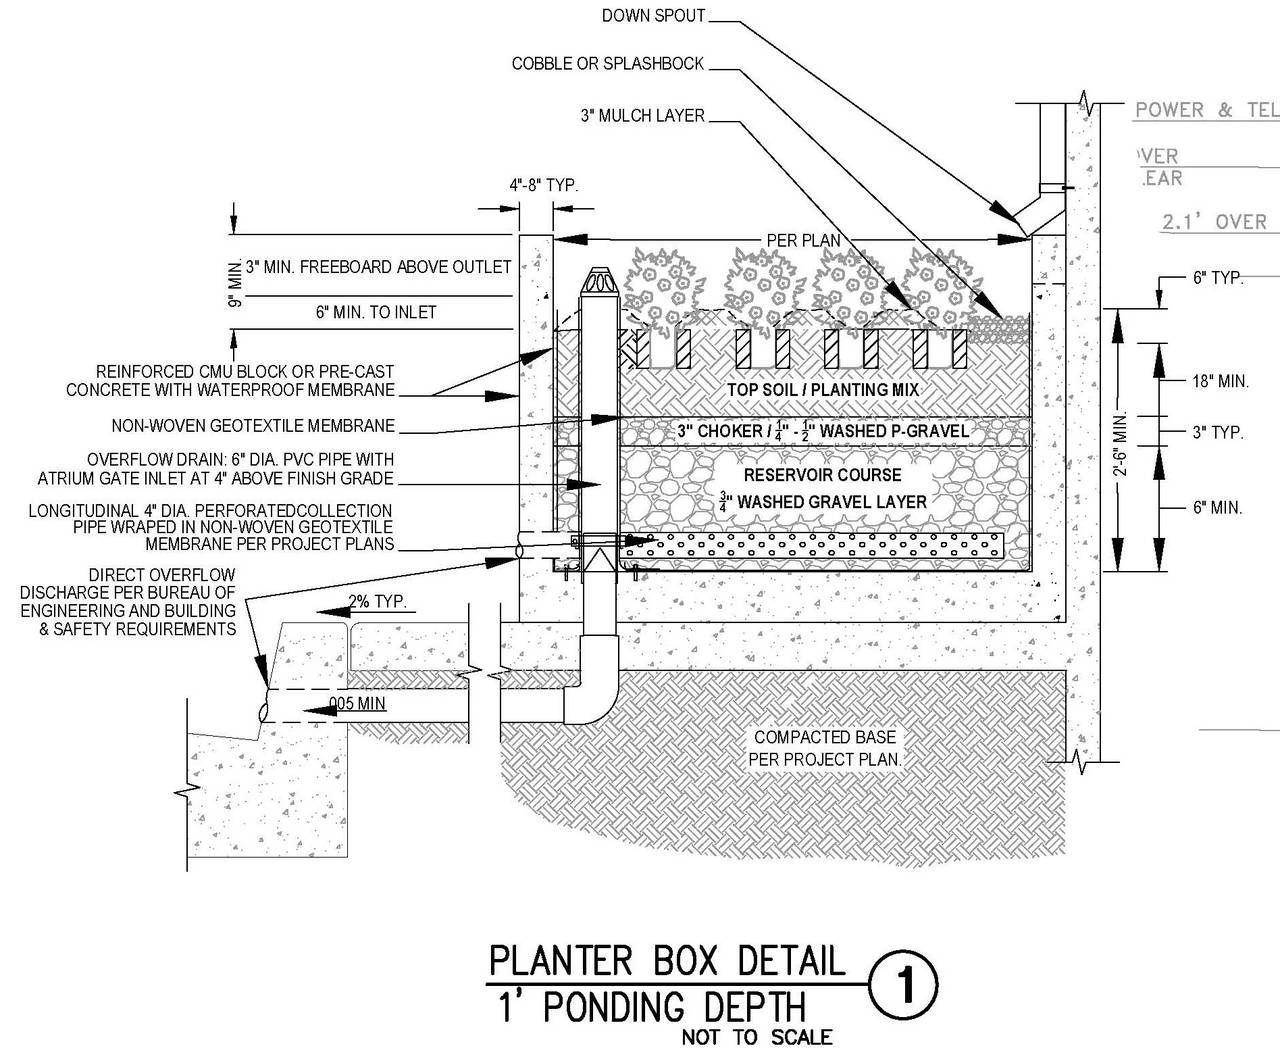 Los Angeles Susmp Planter Box Detail